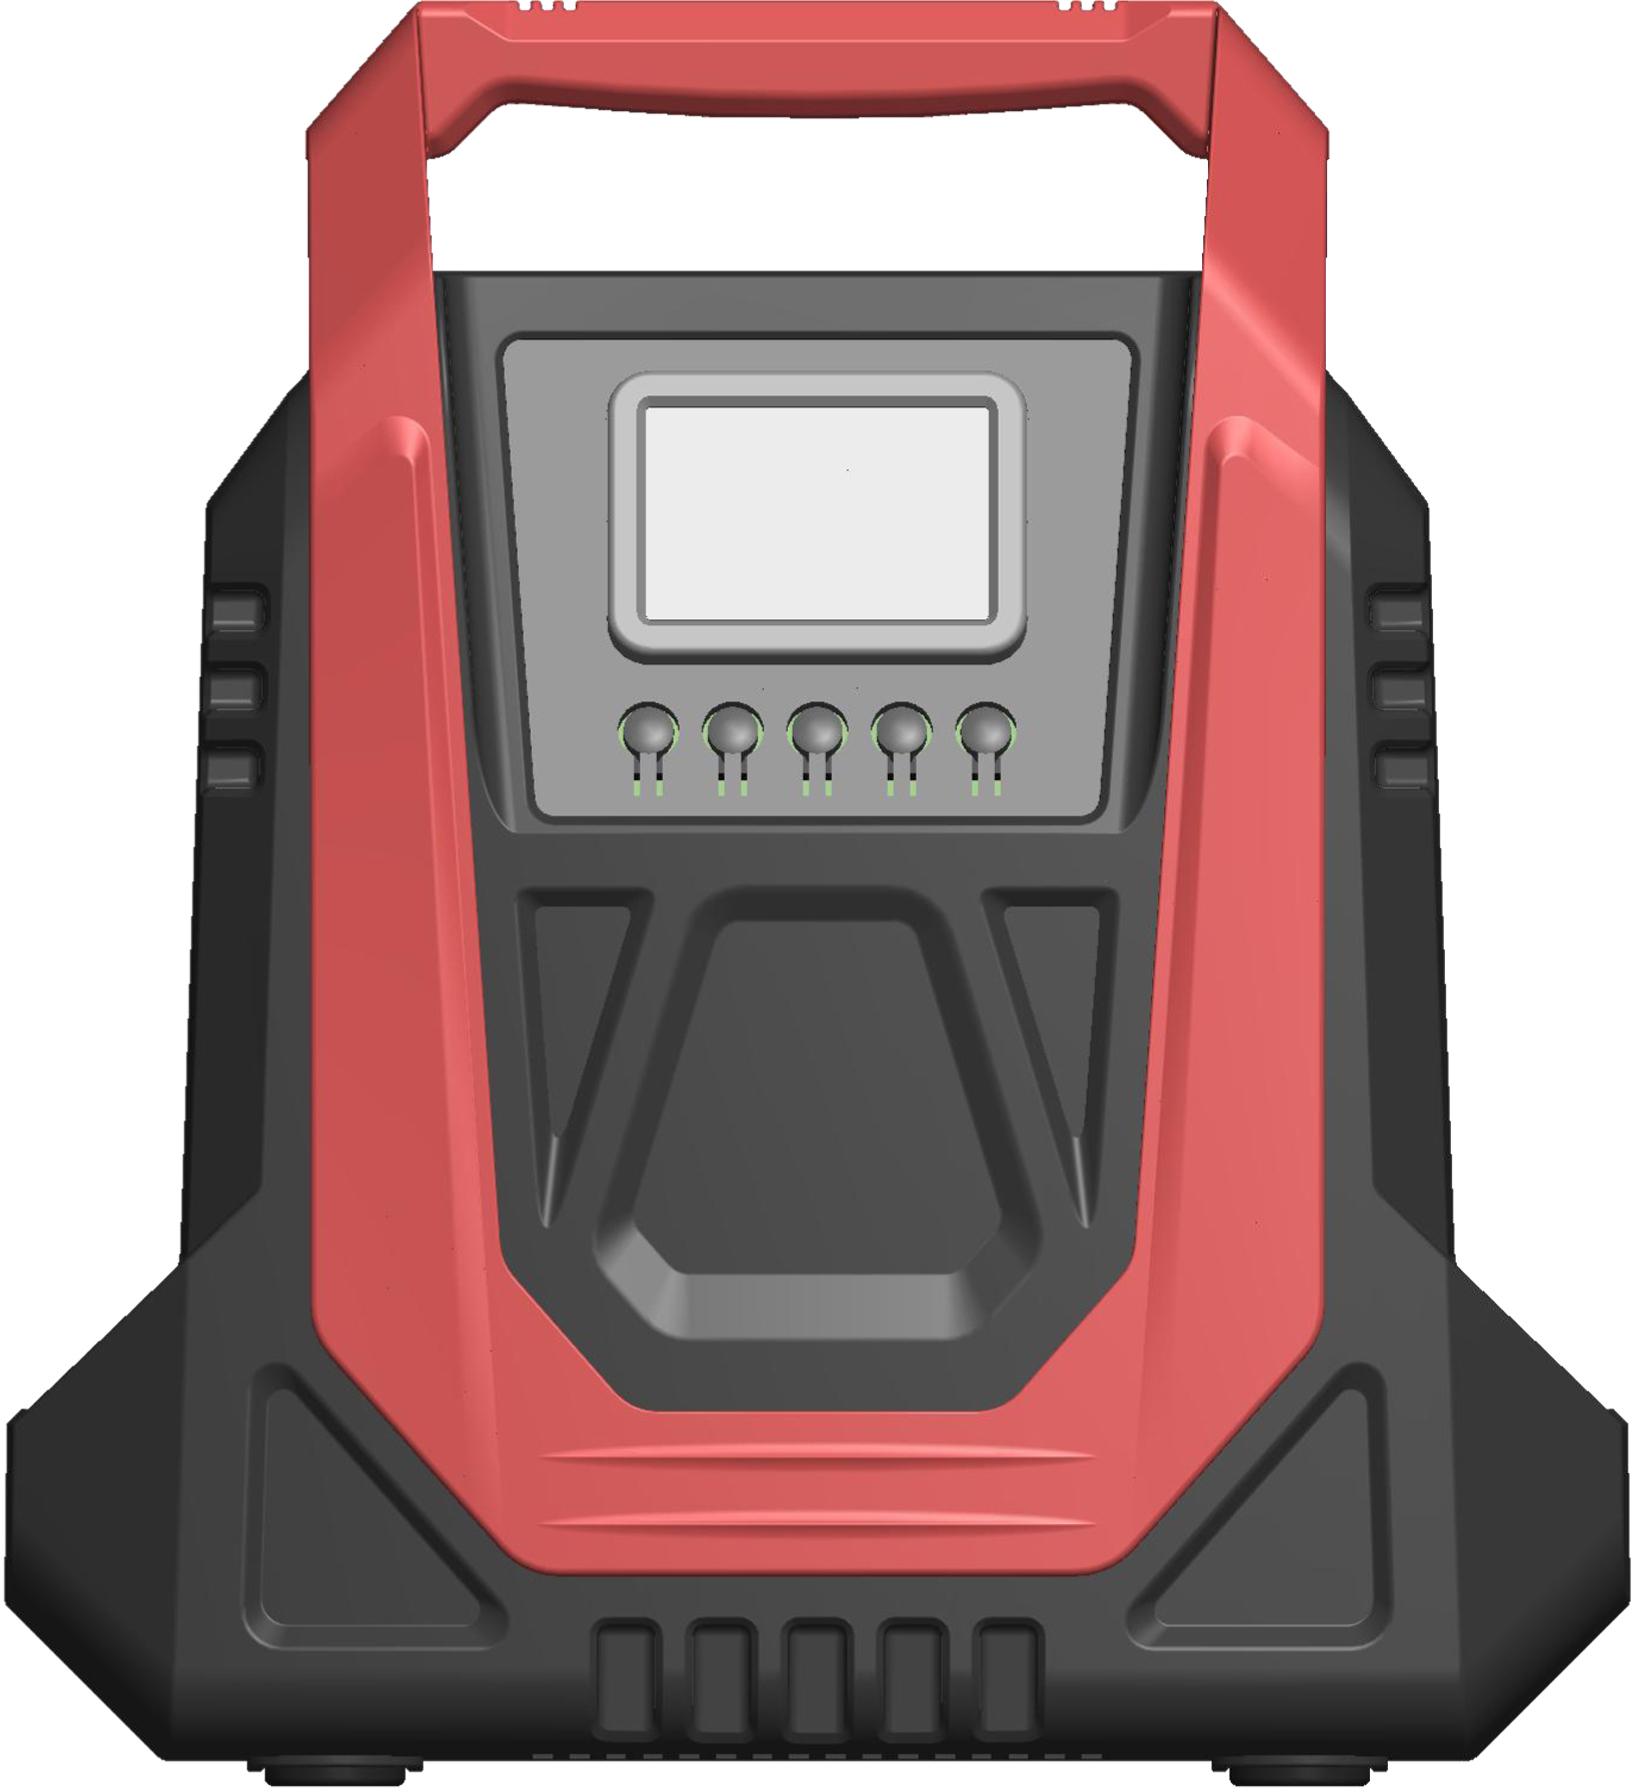 公开(公告)日 1970-01-01 发明名称 汽车充电器(多功能) 发明人